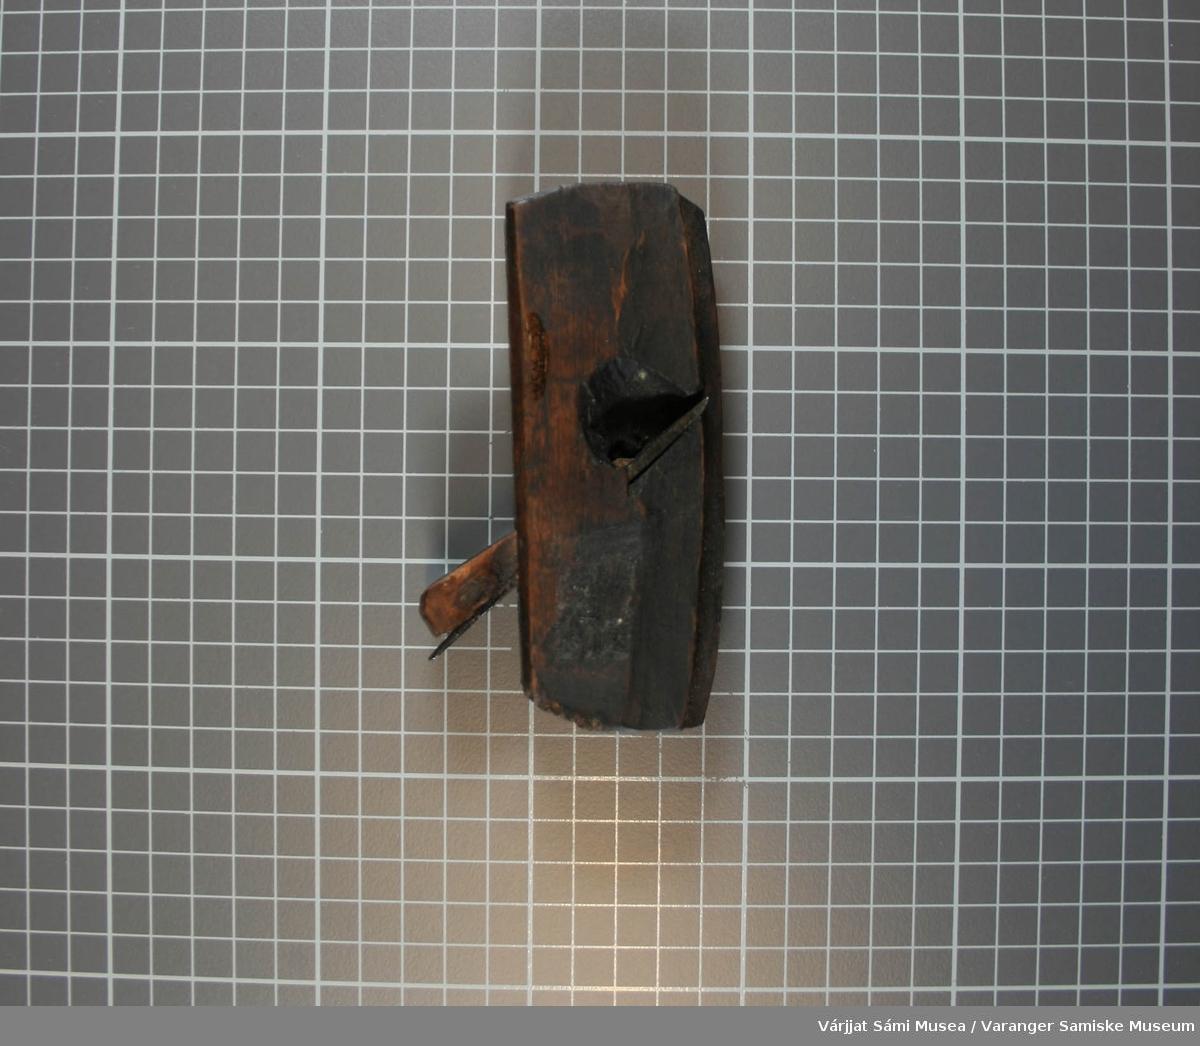 Inskripsjon:1841 S.S. A. Høvelen og kilen er laget av tre, med to blad av jern. Den er mørkebrun, tildels svart.